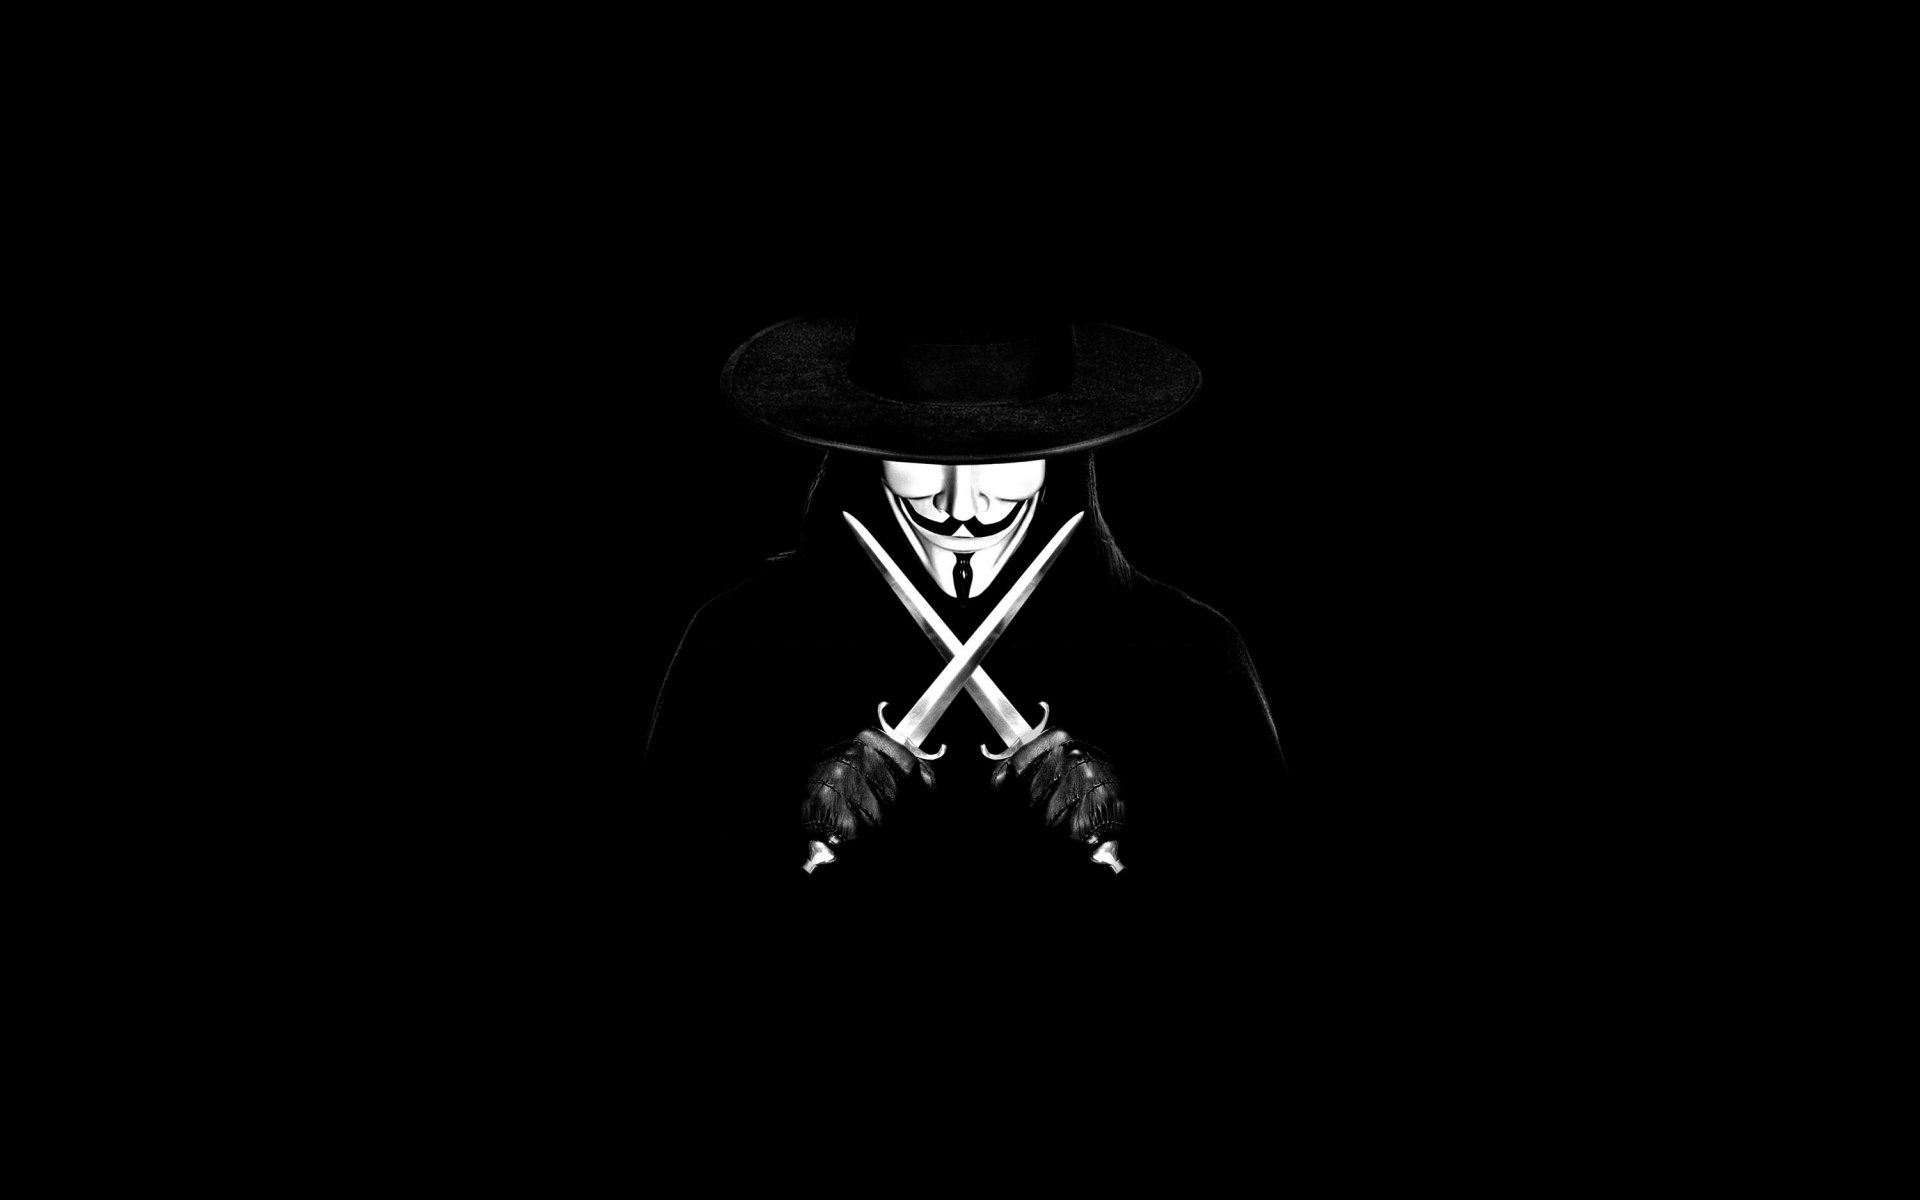 for Vendetta   V for Vendetta Wallpaper 13512847 1920x1200